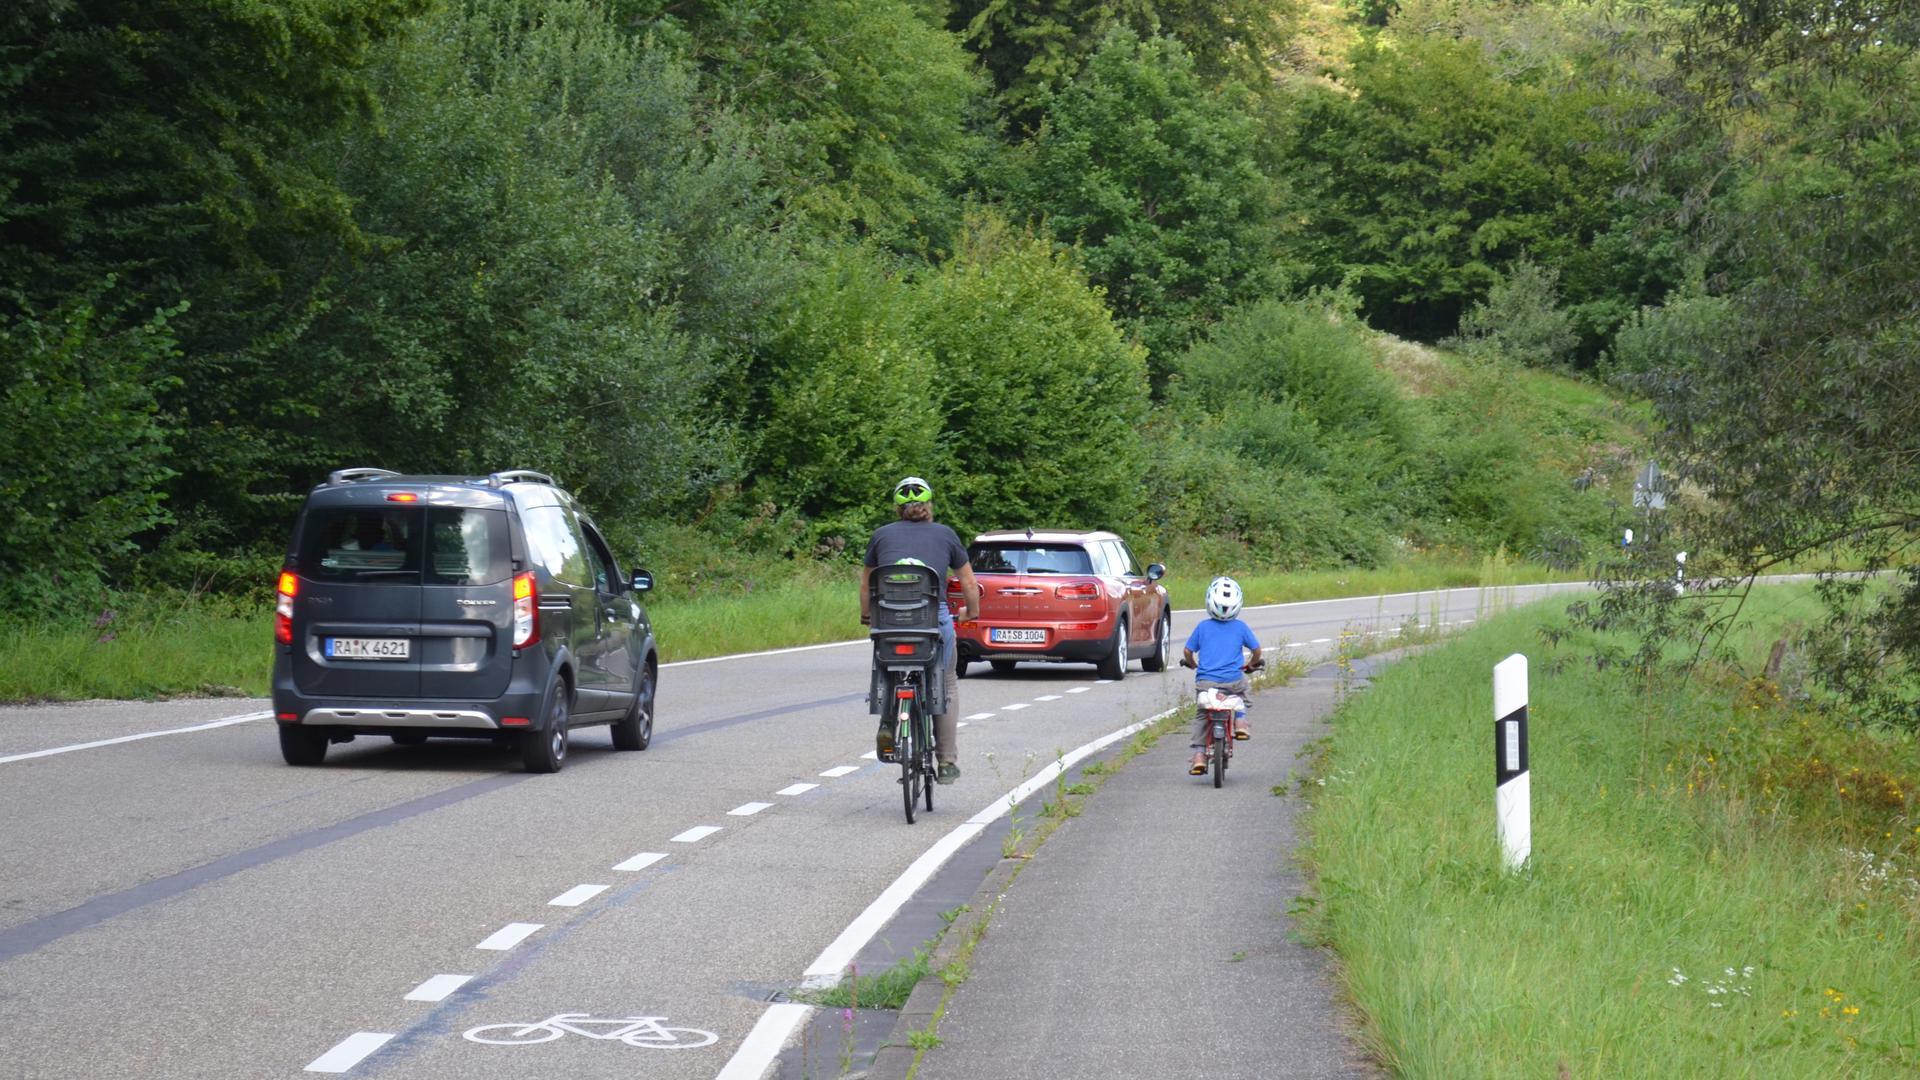 Erwachsener Radfahrer mit Kind im Kindersitz und radfahrendes Kind auf einem Fahrradstreifen, daneben fahren zwei Autos